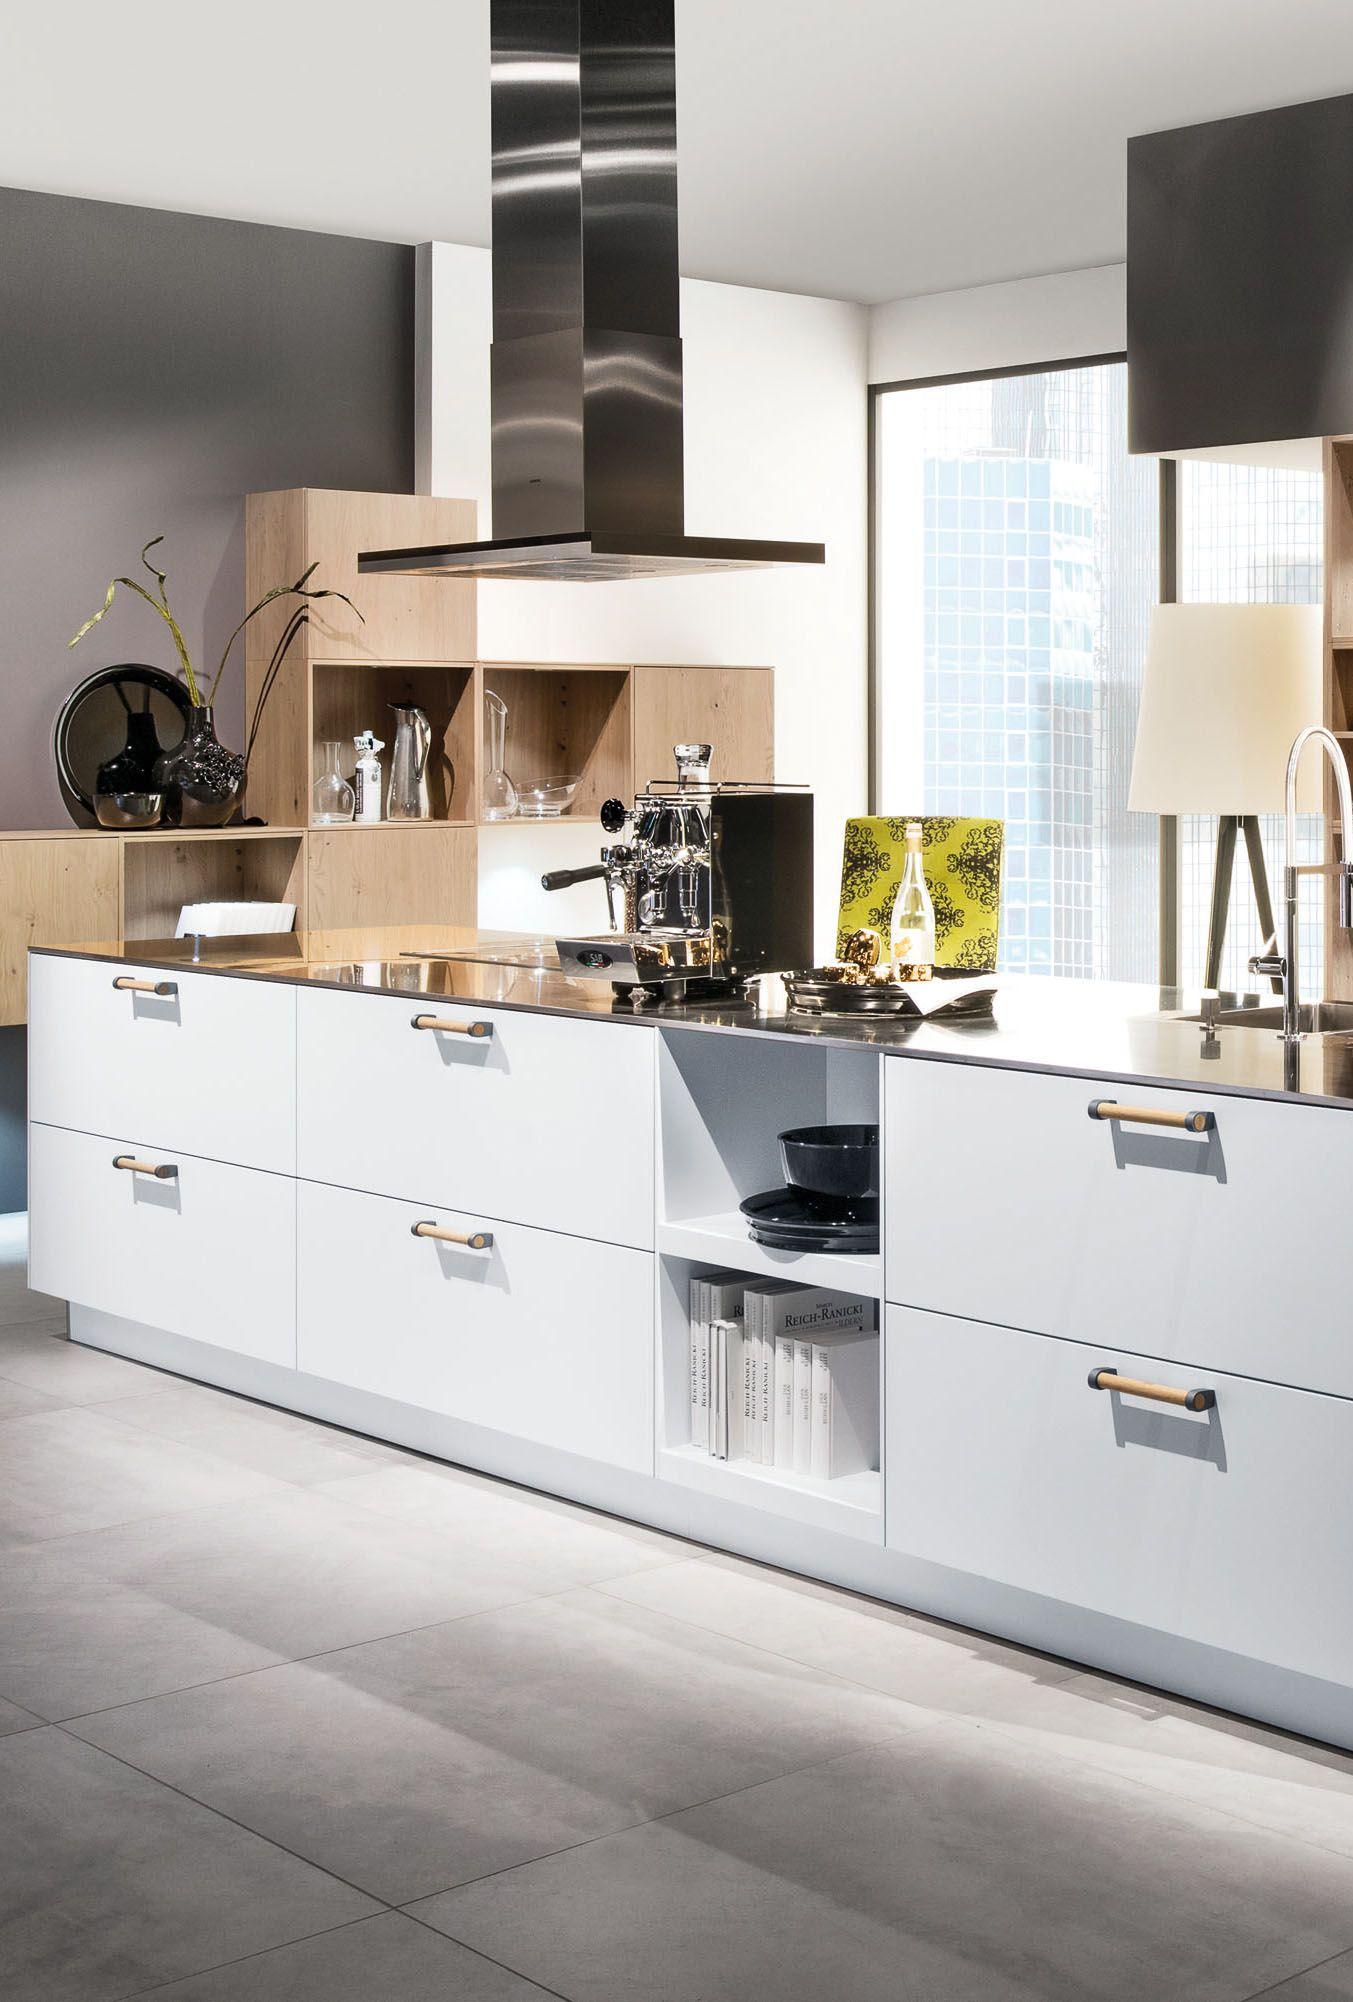 Beste Beste Küche Renovierungen Nyc Galerie - Ideen Für Die Küche ...